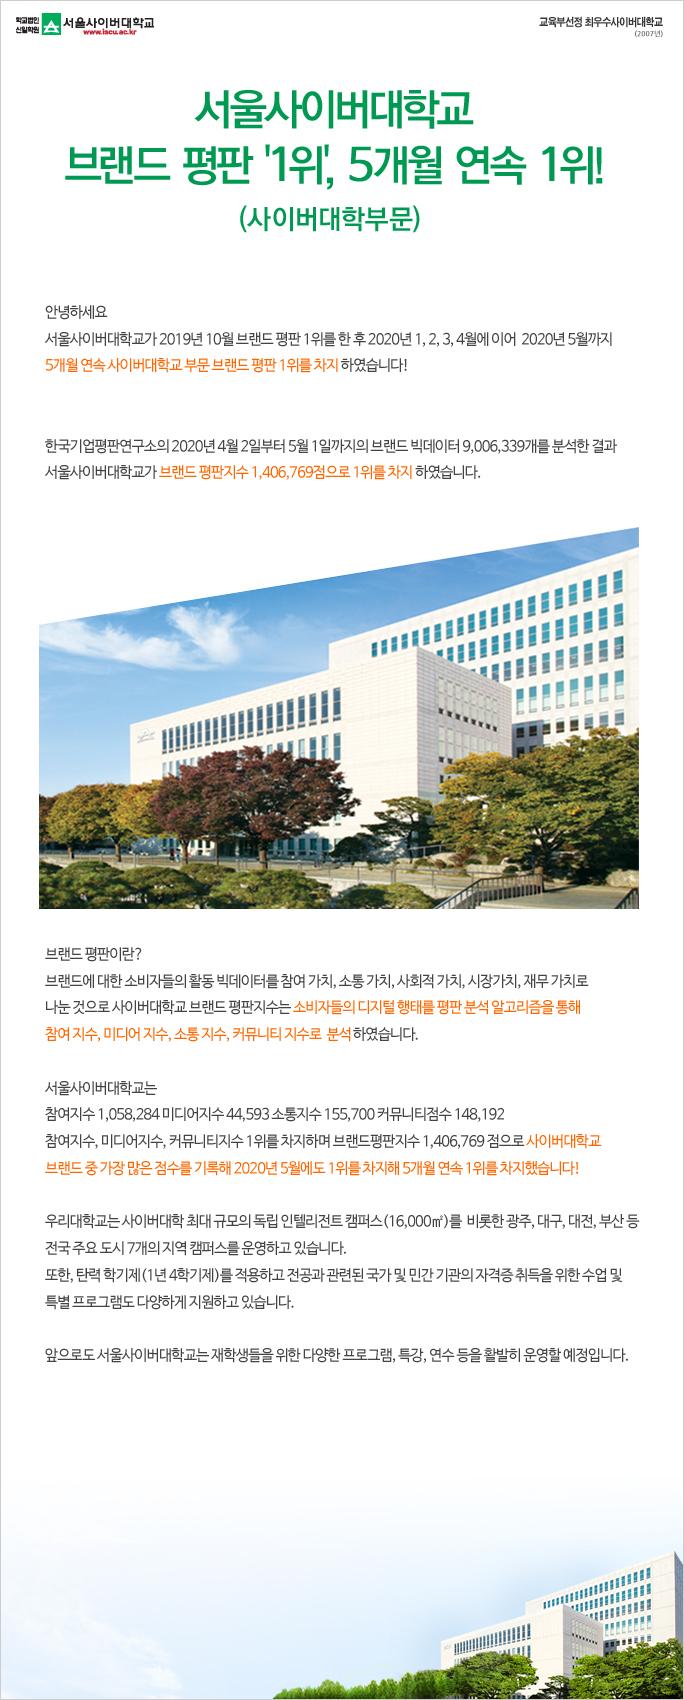 사이버대학부분 브랜드 평판 1위, 5개월 연속 1위